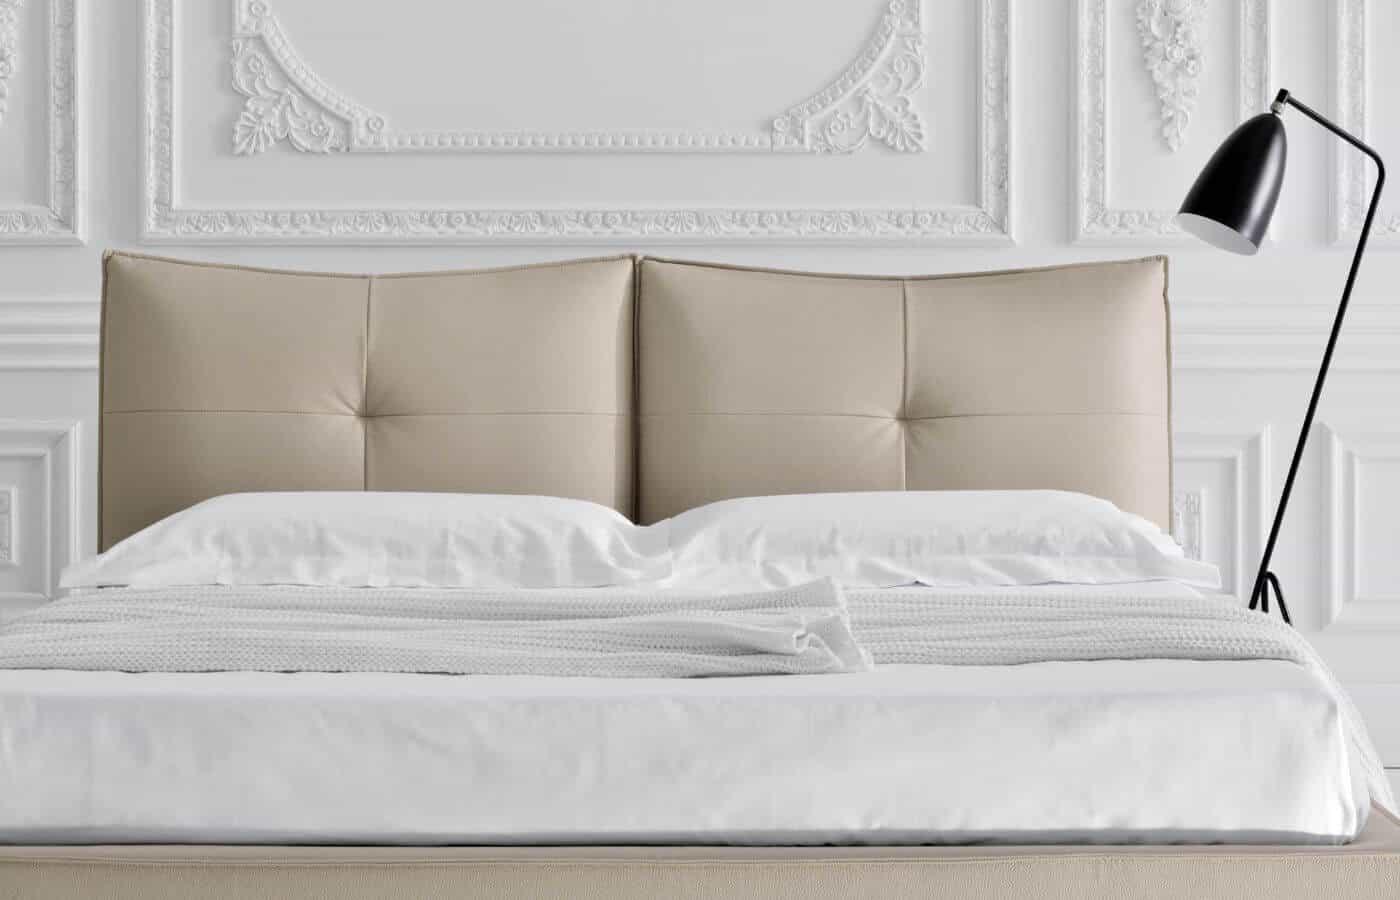 zona-notte-letto-collezione-jasper-il-mobile (2)